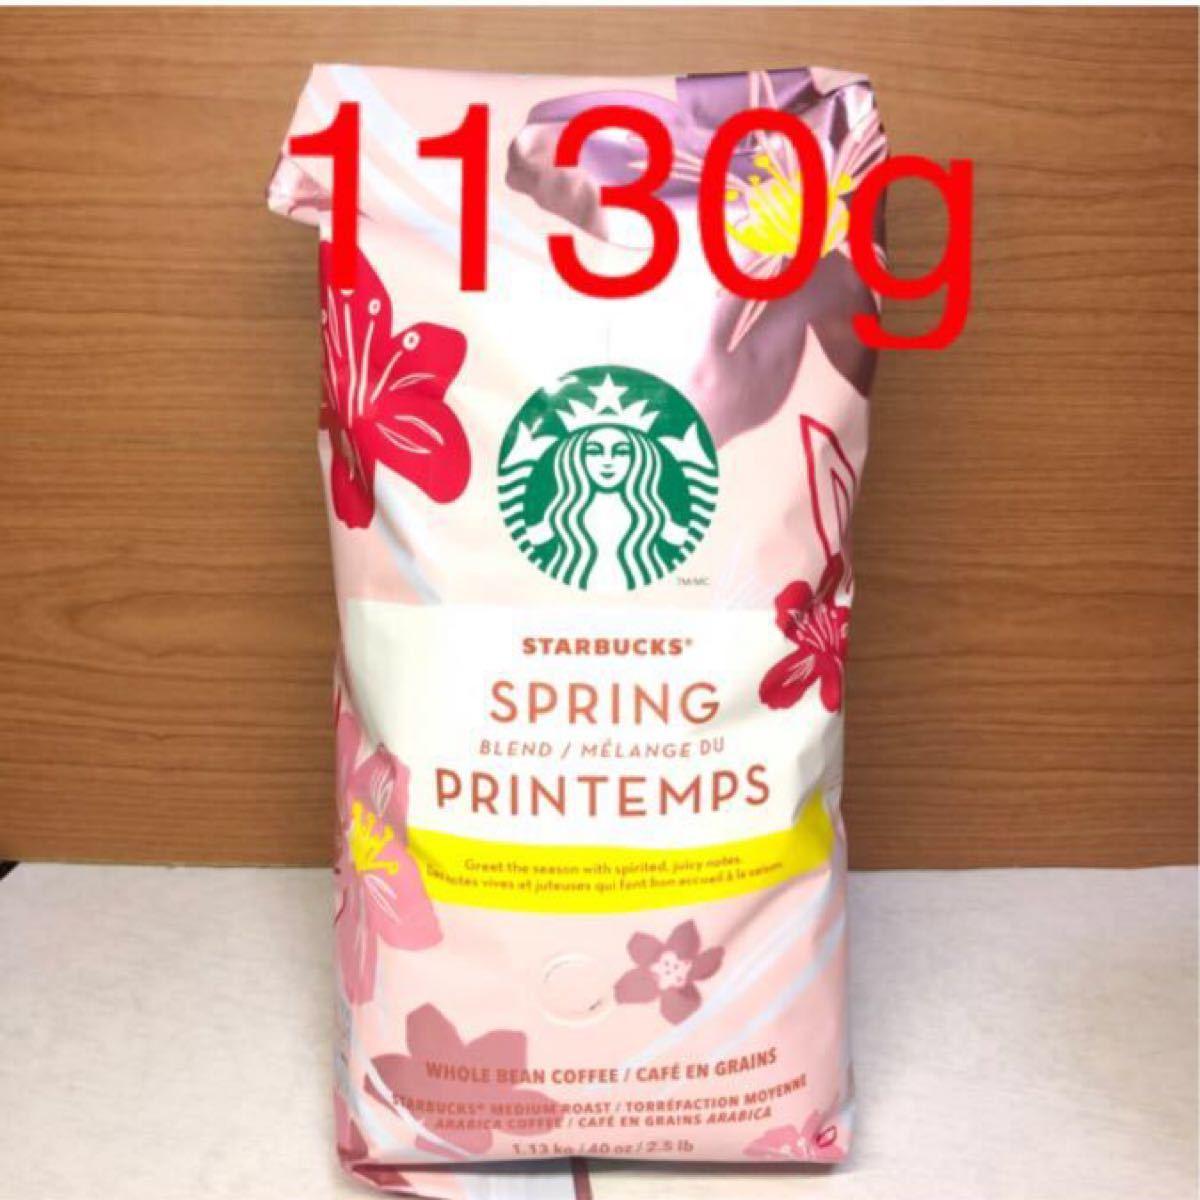 ★大容量★スターバックス スプリングブレンド 2021 コーヒー豆  スタバ コーヒー豆 春限定品 さくら 桜 コストコ